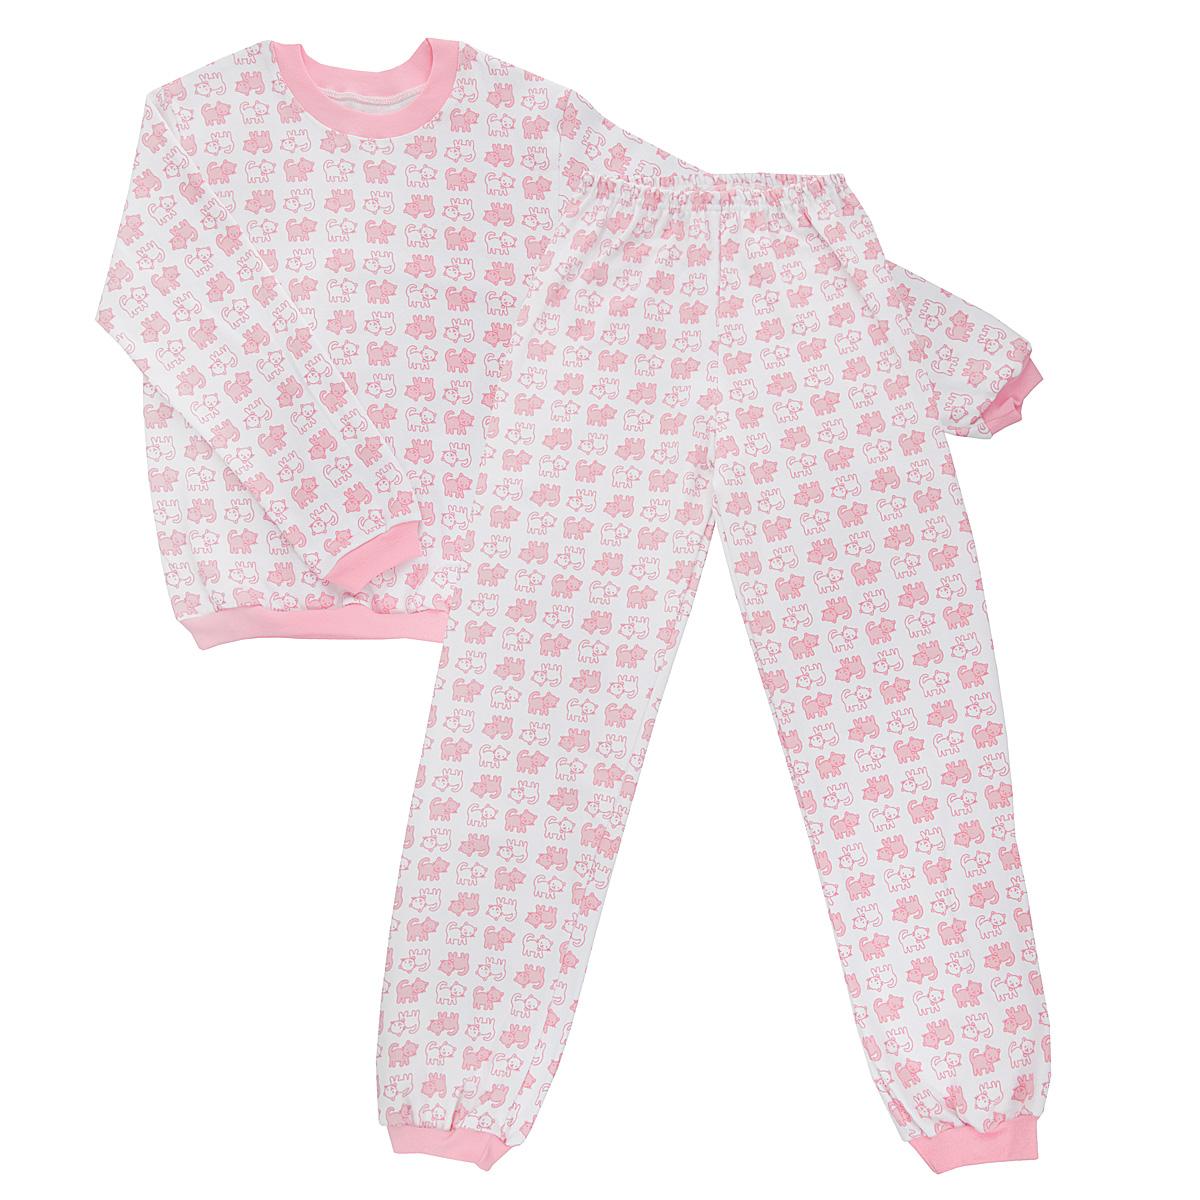 Пижама детская Трон-плюс, цвет: белый, розовый. 5555_котенок. Размер 86/92, 2-3 года5555_котенокУютная детская пижама Трон-плюс, состоящая из джемпера и брюк, идеально подойдет вашему ребенку и станет отличным дополнением к детскому гардеробу. Изготовленная из интерлока, она необычайно мягкая и легкая, не сковывает движения, позволяет коже дышать и не раздражает даже самую нежную и чувствительную кожу ребенка. Трикотажный джемпер с длинными рукавами имеет круглый вырез горловины. Низ изделия, рукава и вырез горловины дополнены эластичной трикотажной резинкой контрастного цвета.Брюки на талии имеют эластичную резинку, благодаря чему не сдавливают живот ребенка и не сползают. Низ брючин дополнен широкими эластичными манжетами контрастного цвета.Оформлено изделие оригинальным принтом с изображением котят. В такой пижаме ваш ребенок будет чувствовать себя комфортно и уютно во время сна.